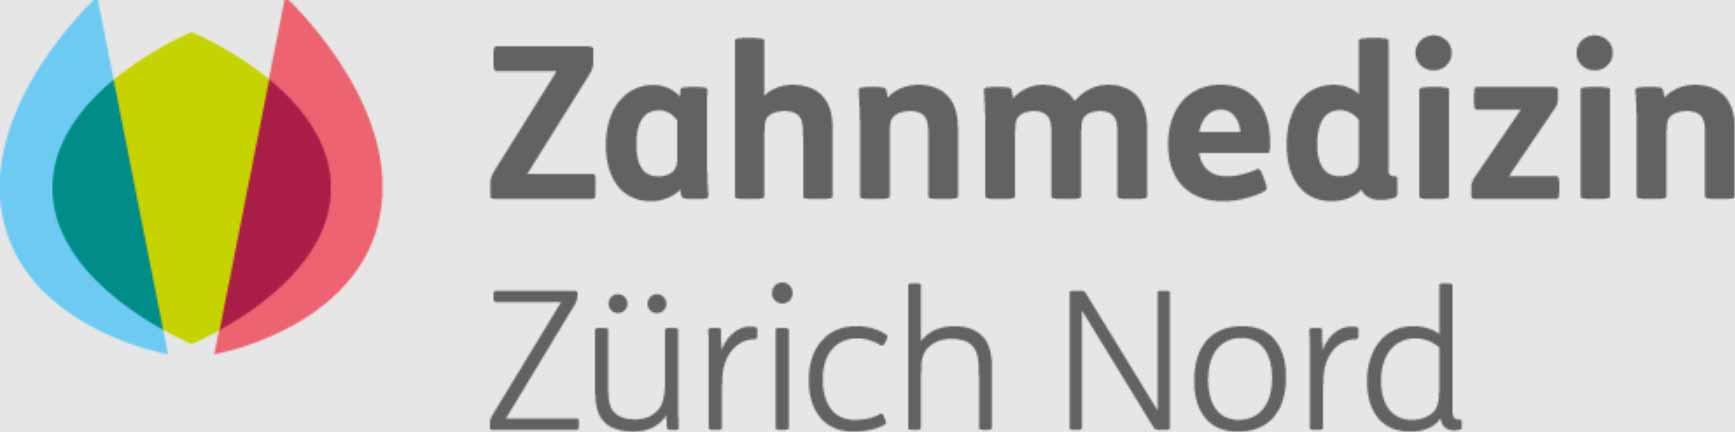 Bilder Zahnmedizin Zürich Nord